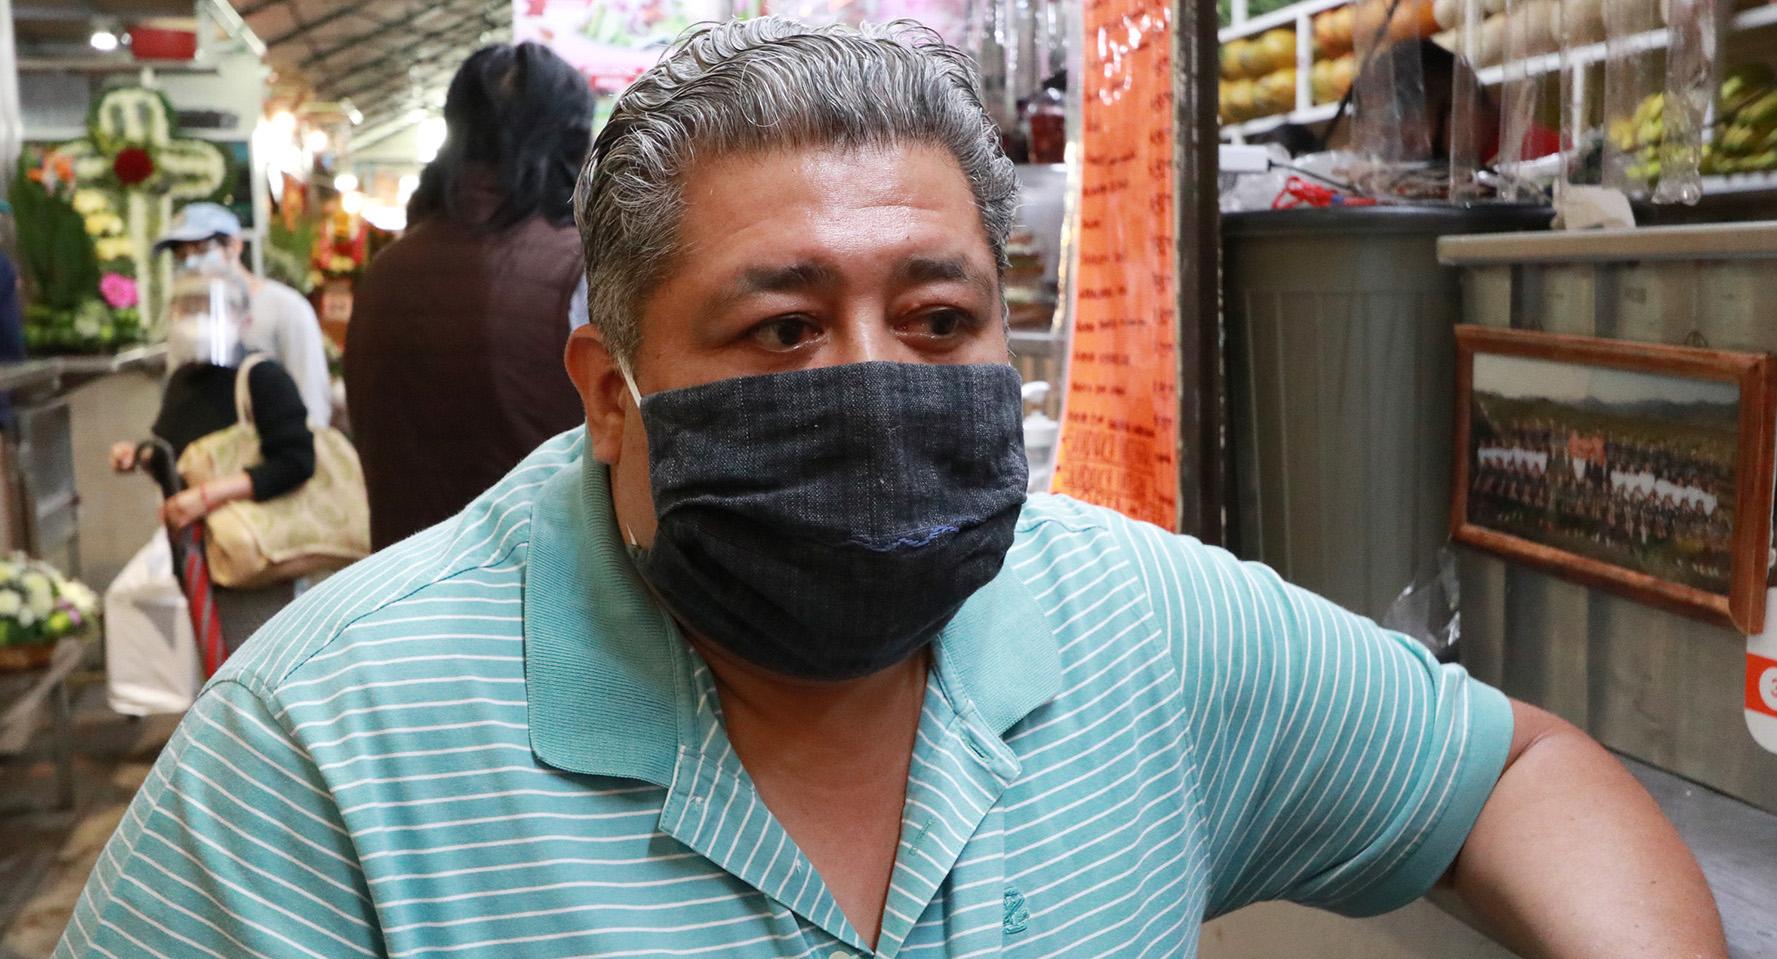 Burocracia y comercio  en vía pública afectan  a locatarios en mercado | El Imparcial de Oaxaca